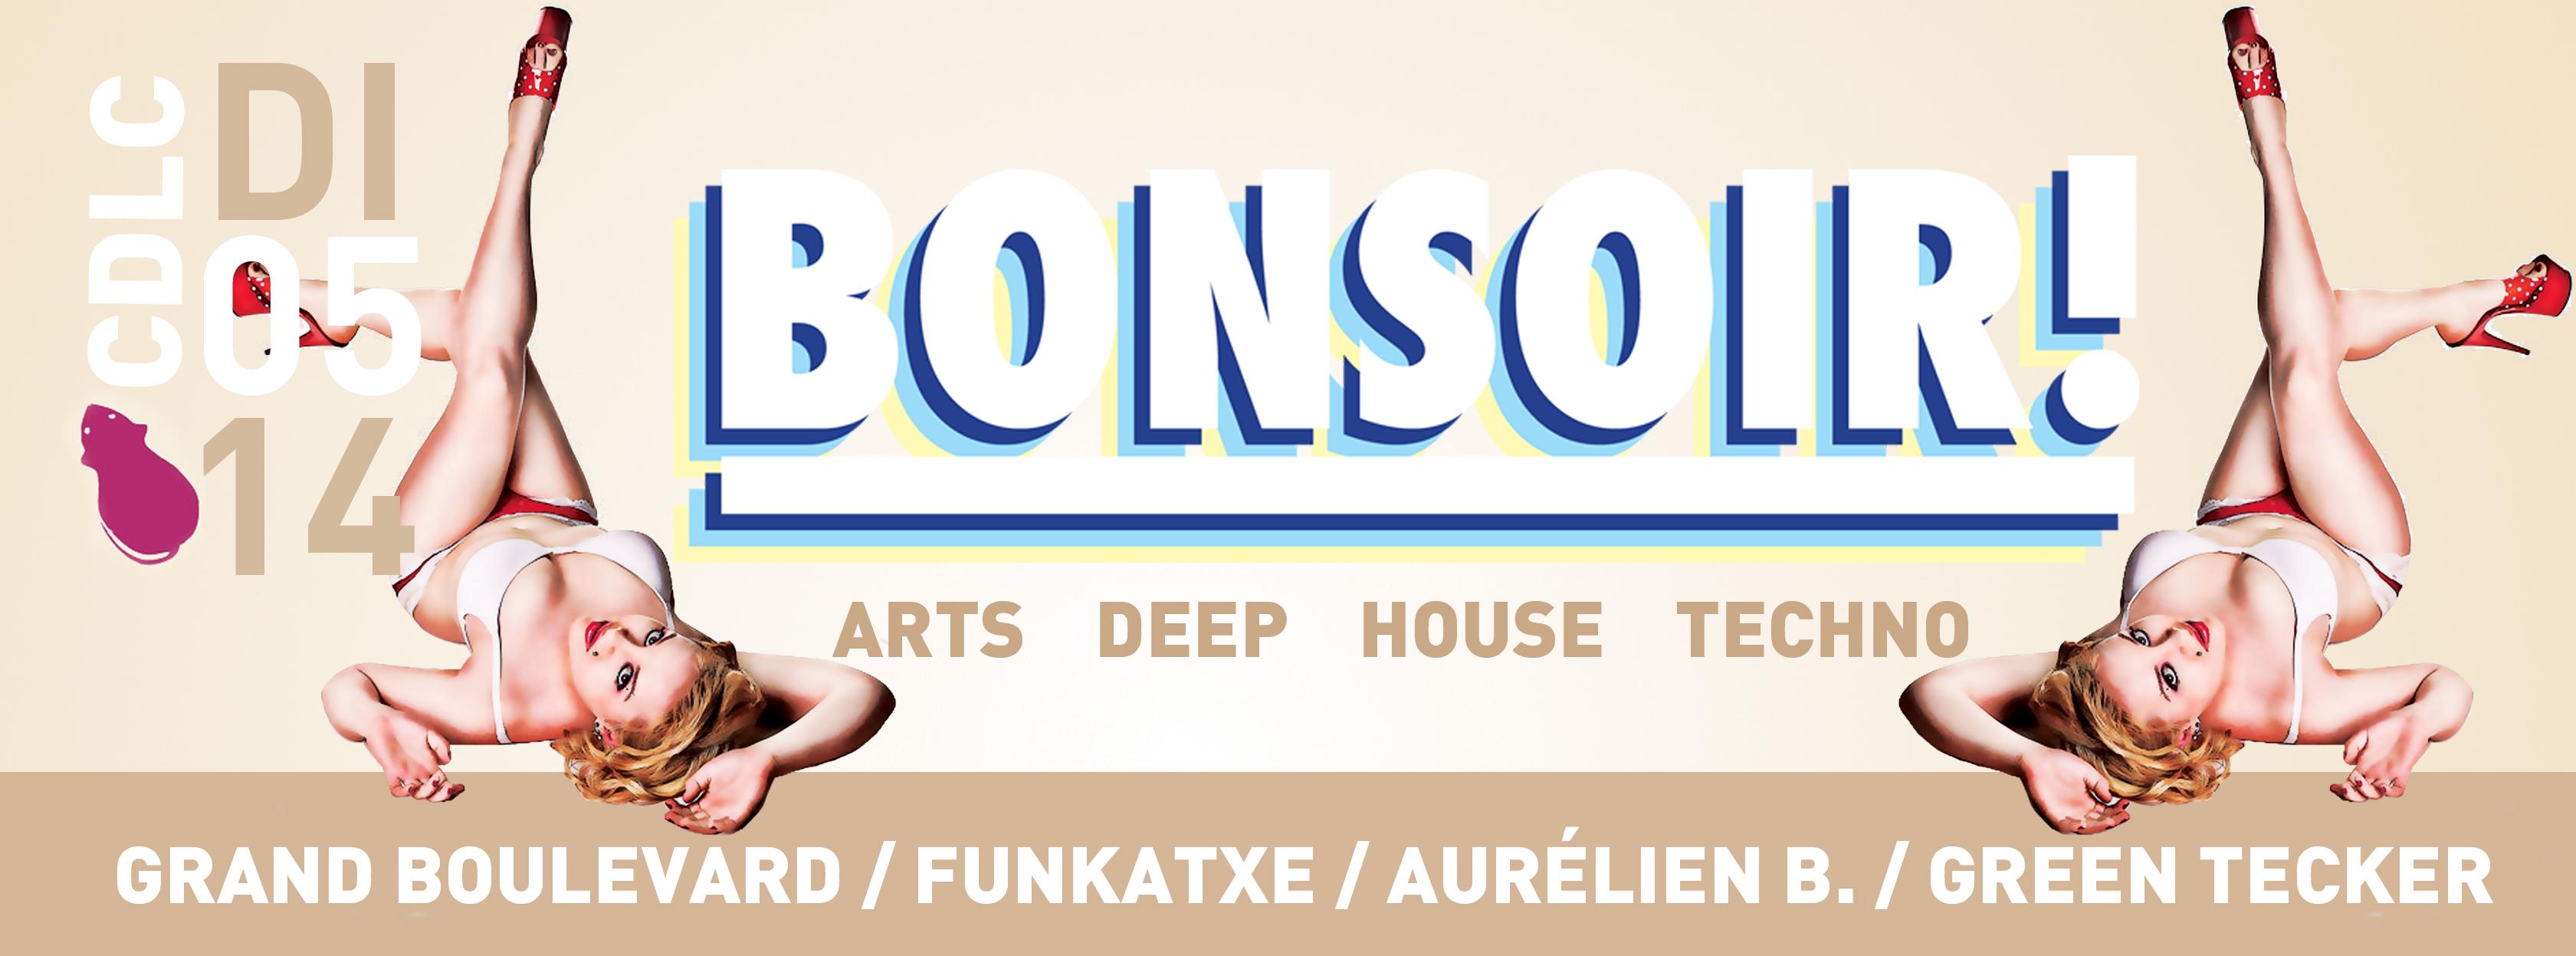 Dimanche 5 janvier 2014 - BONSOIR!